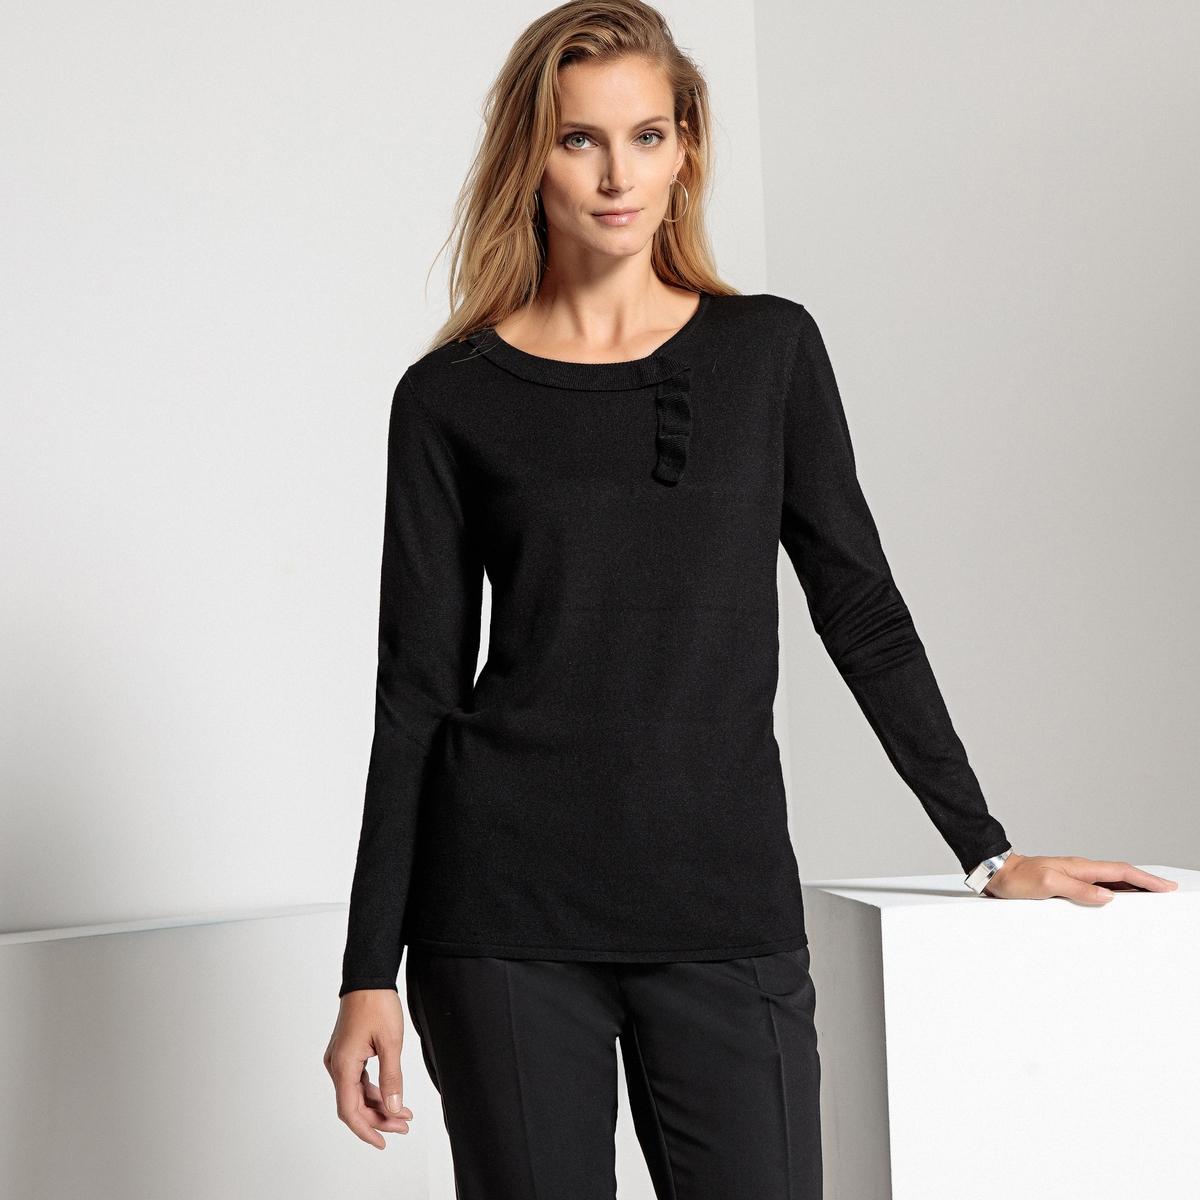 Пуловер  - Серый Меланж,Синий,Черный цвет